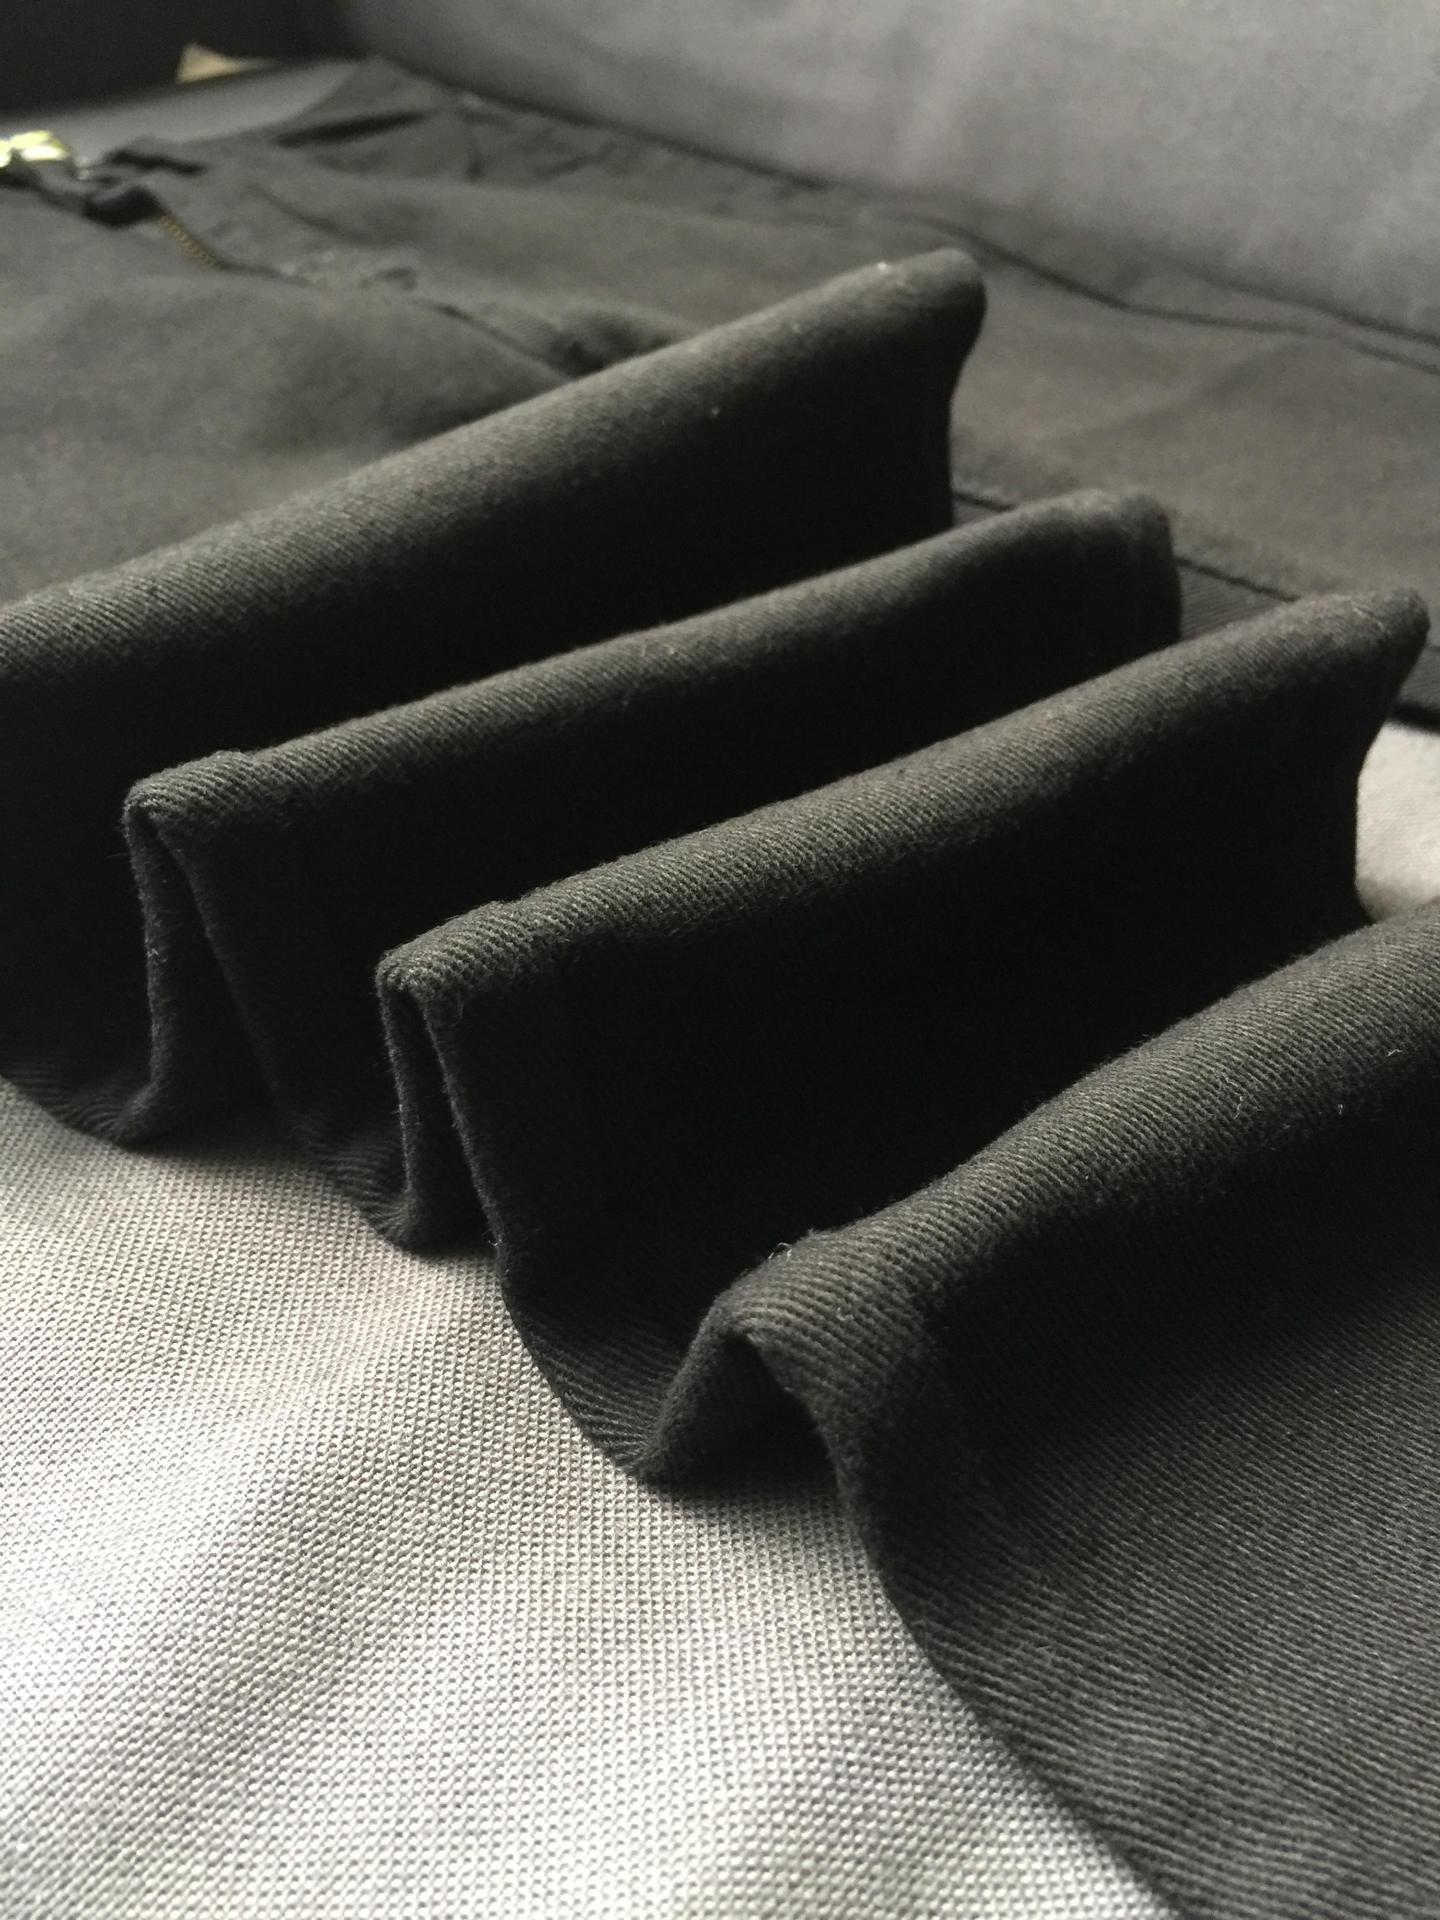 Mustad teksad kõrge vöökohaga